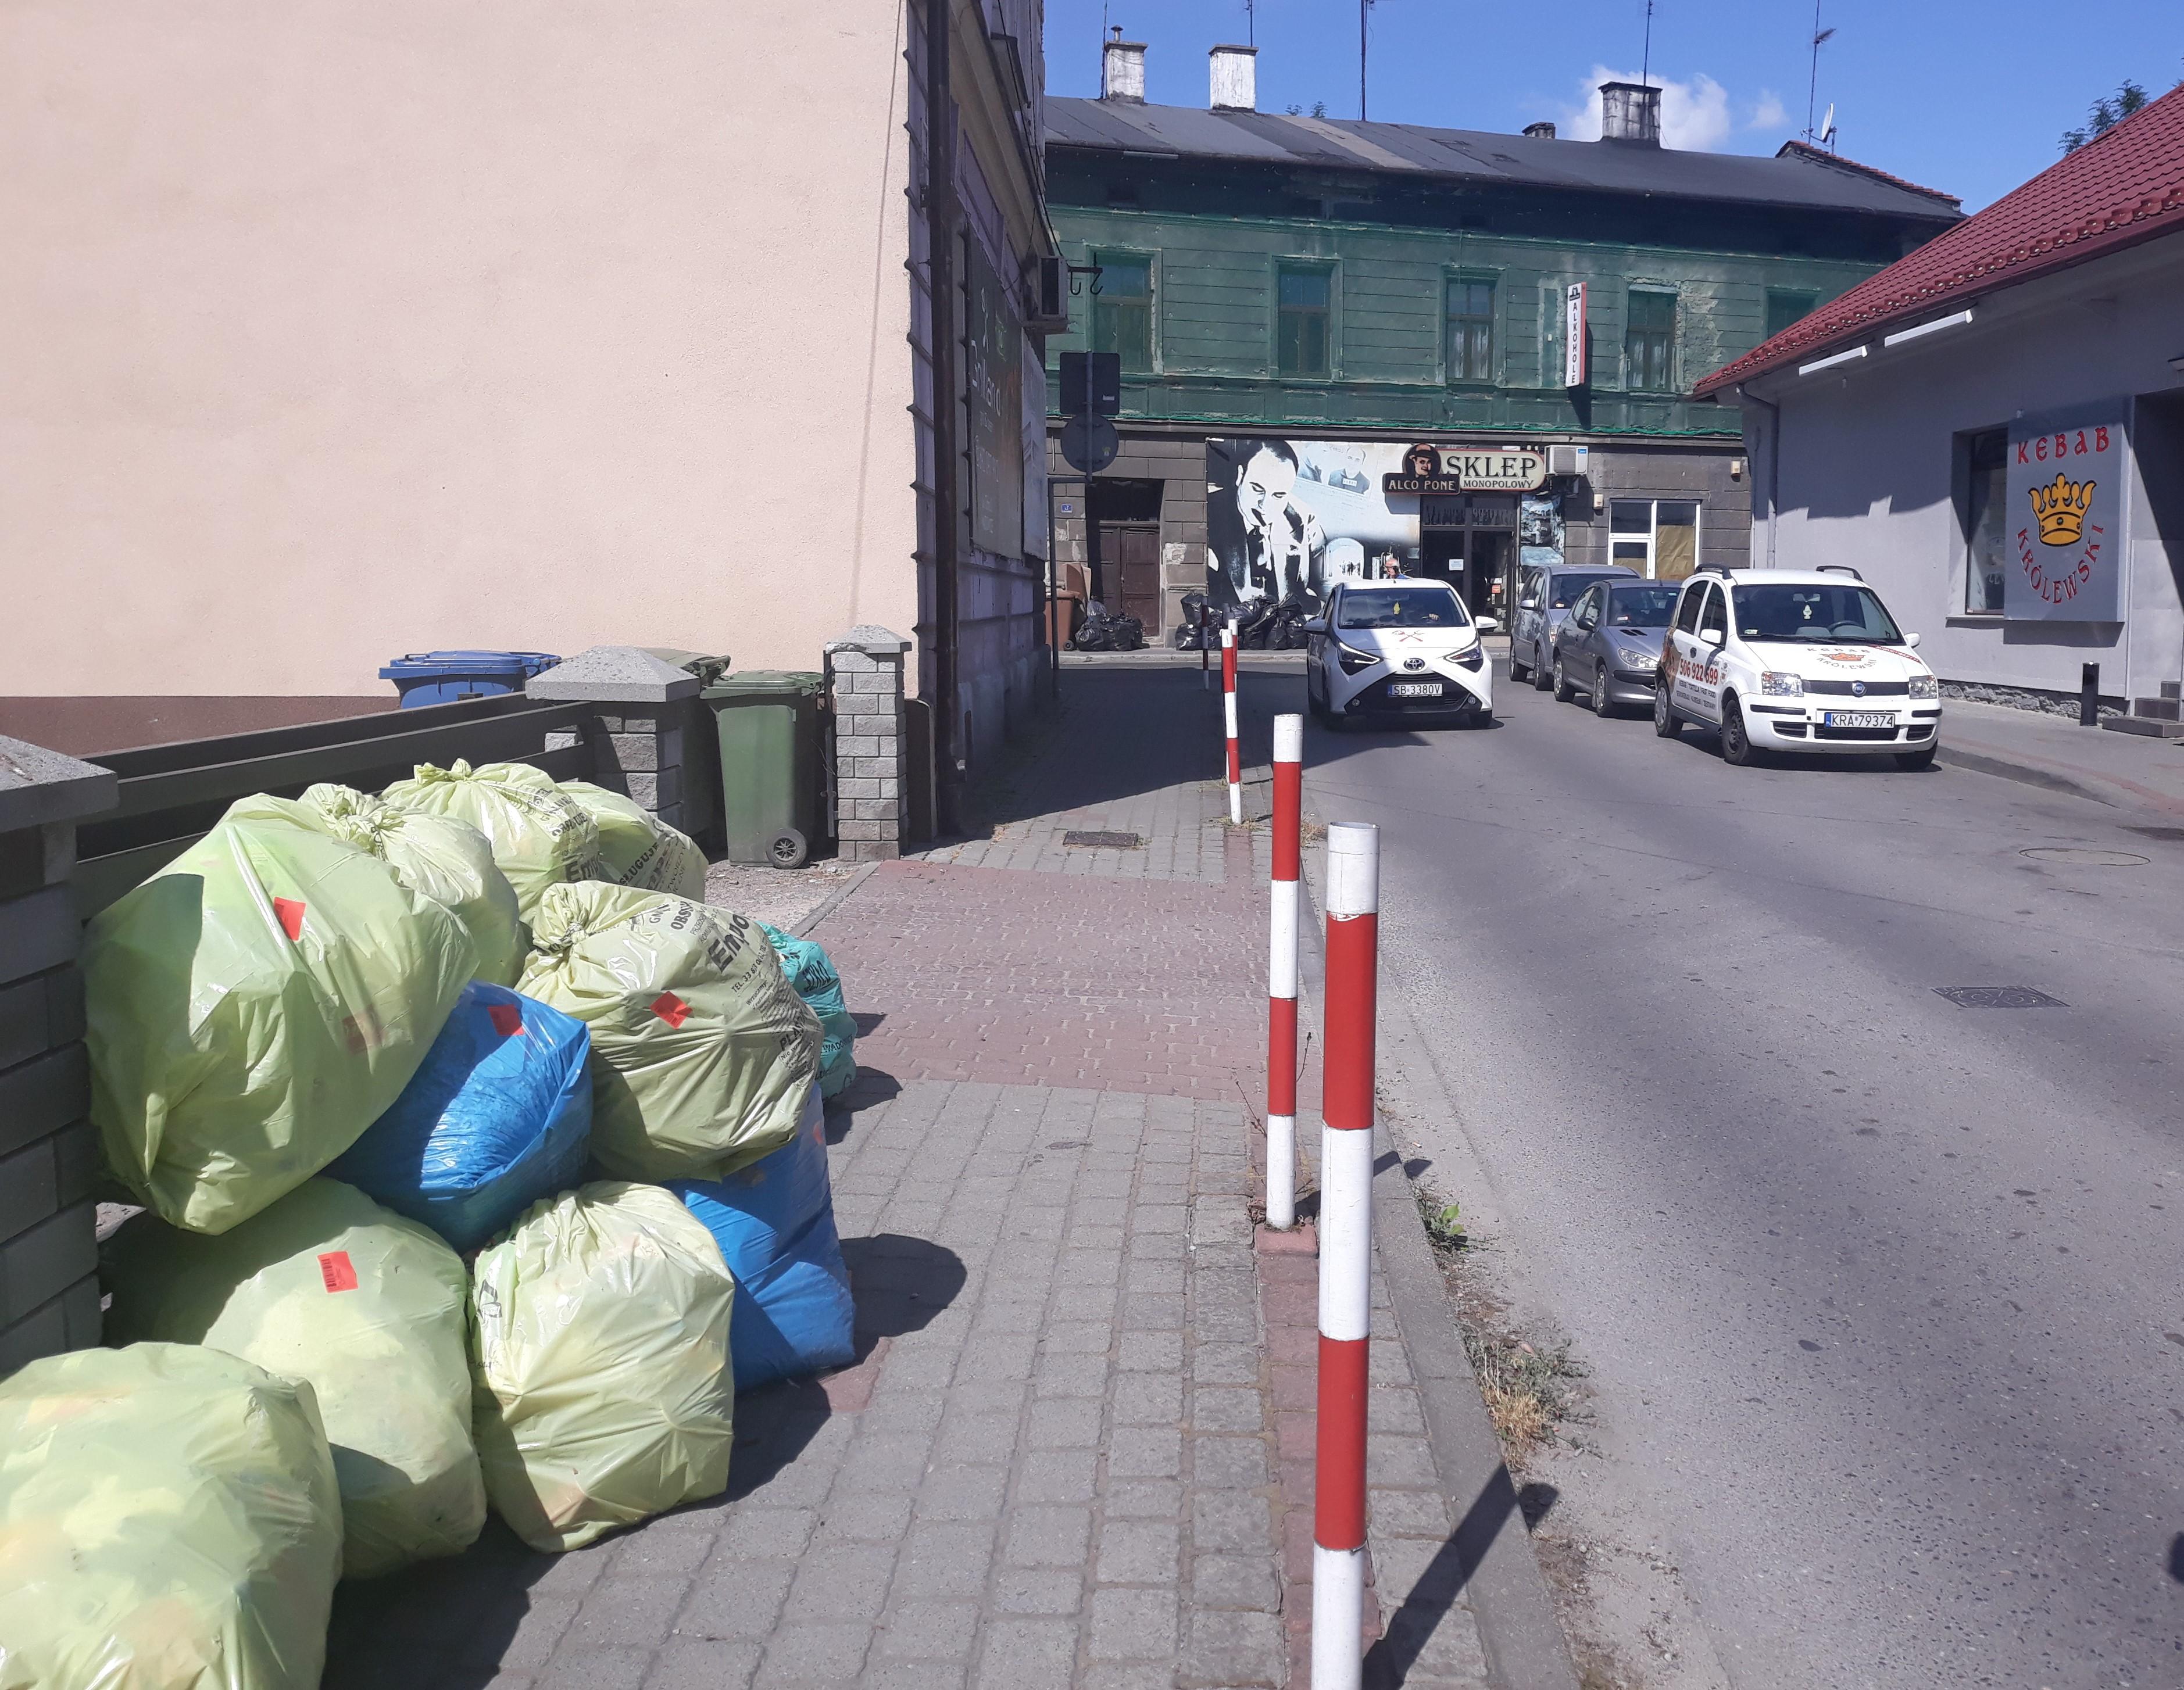 Andrychów, Wadowice: co dalej z cenami za wywóz śmieci?